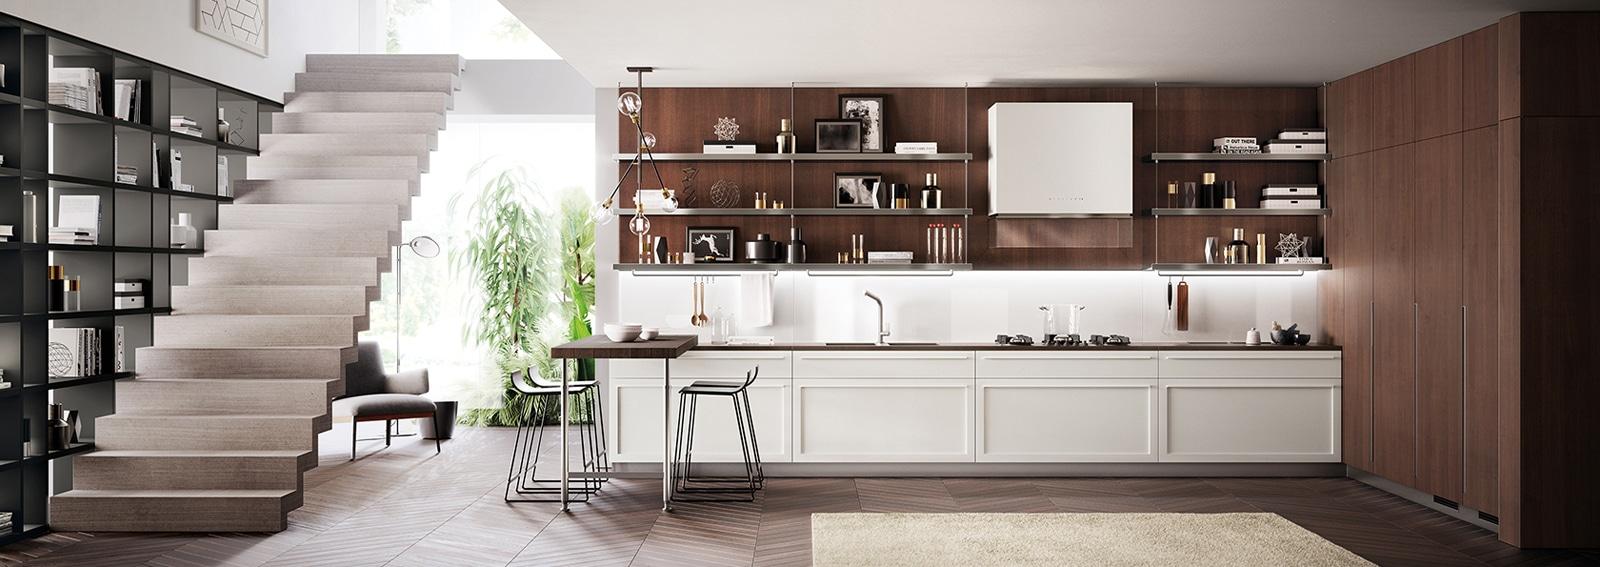 Scavolini le pi belle cucine moderne - Scavolini camere da letto ...